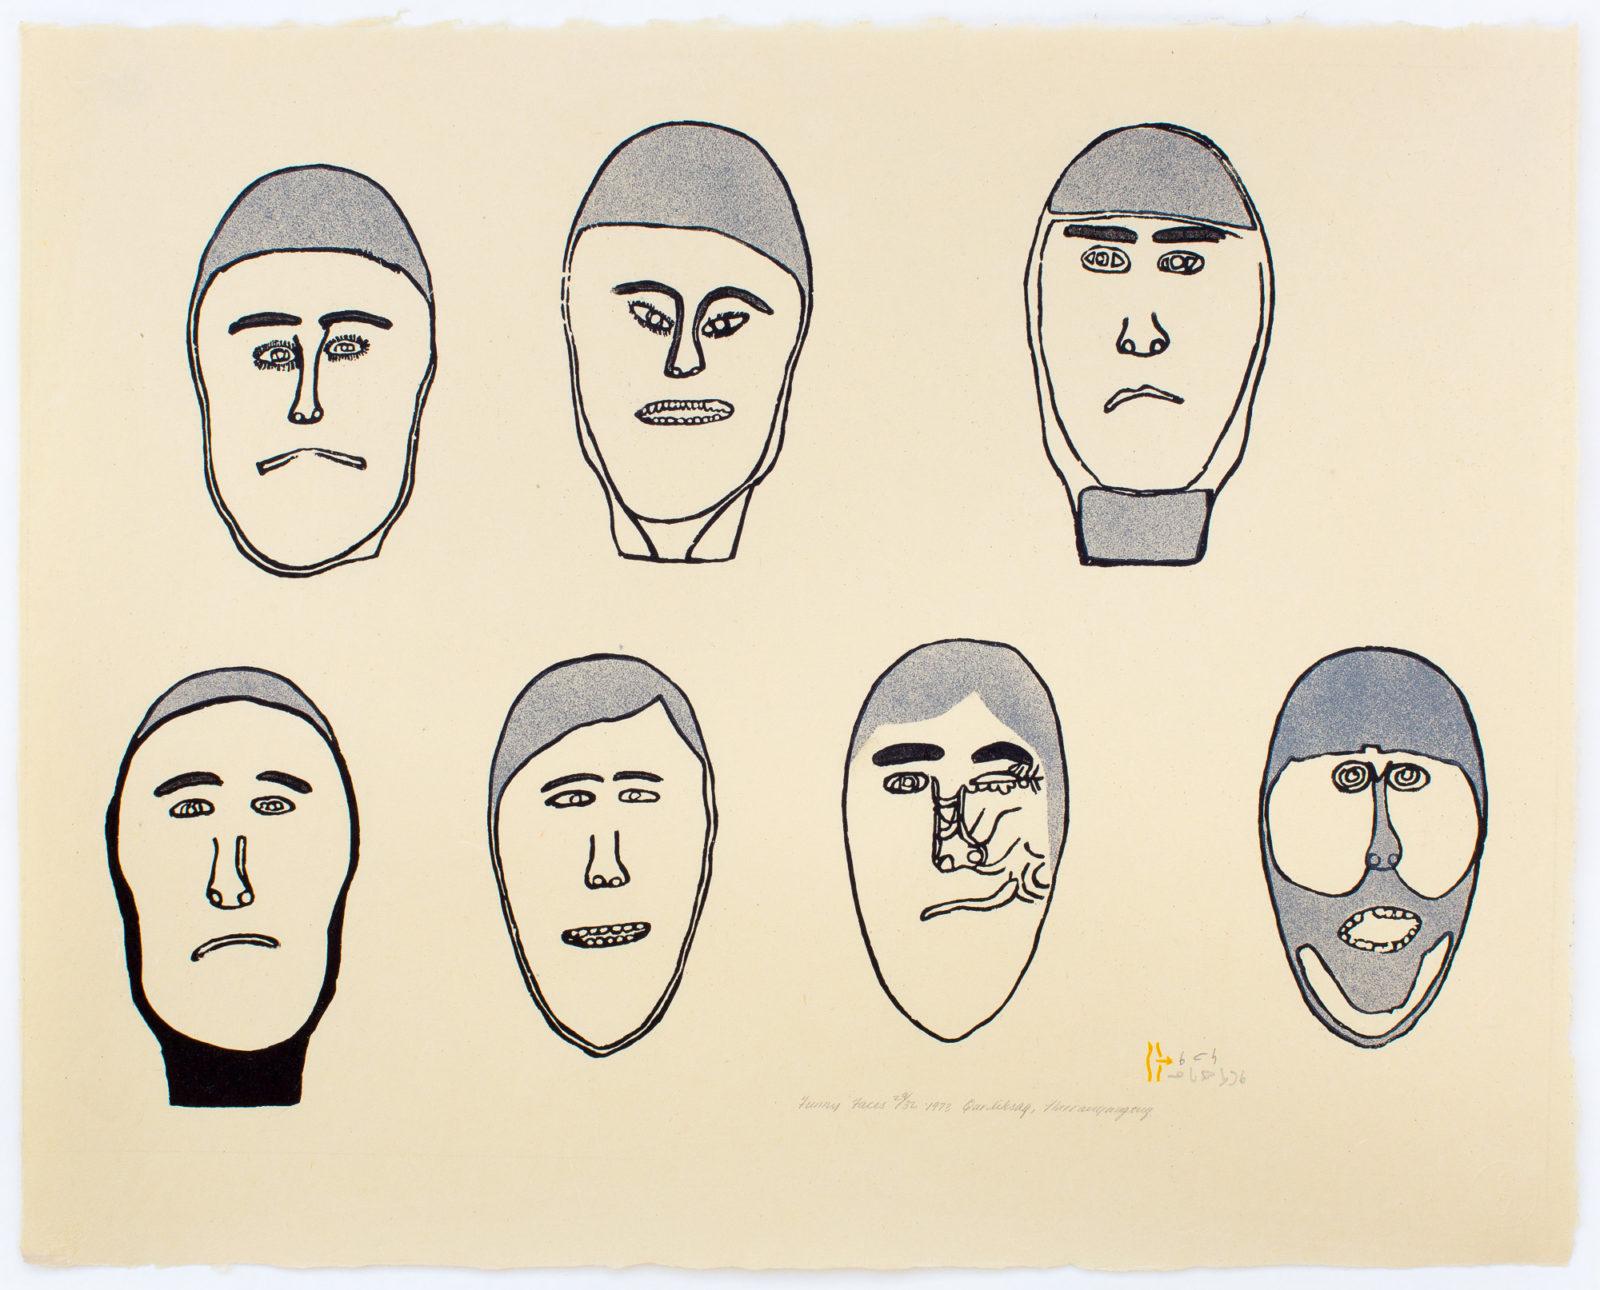 Harold Qarliksaq - Funny Faces